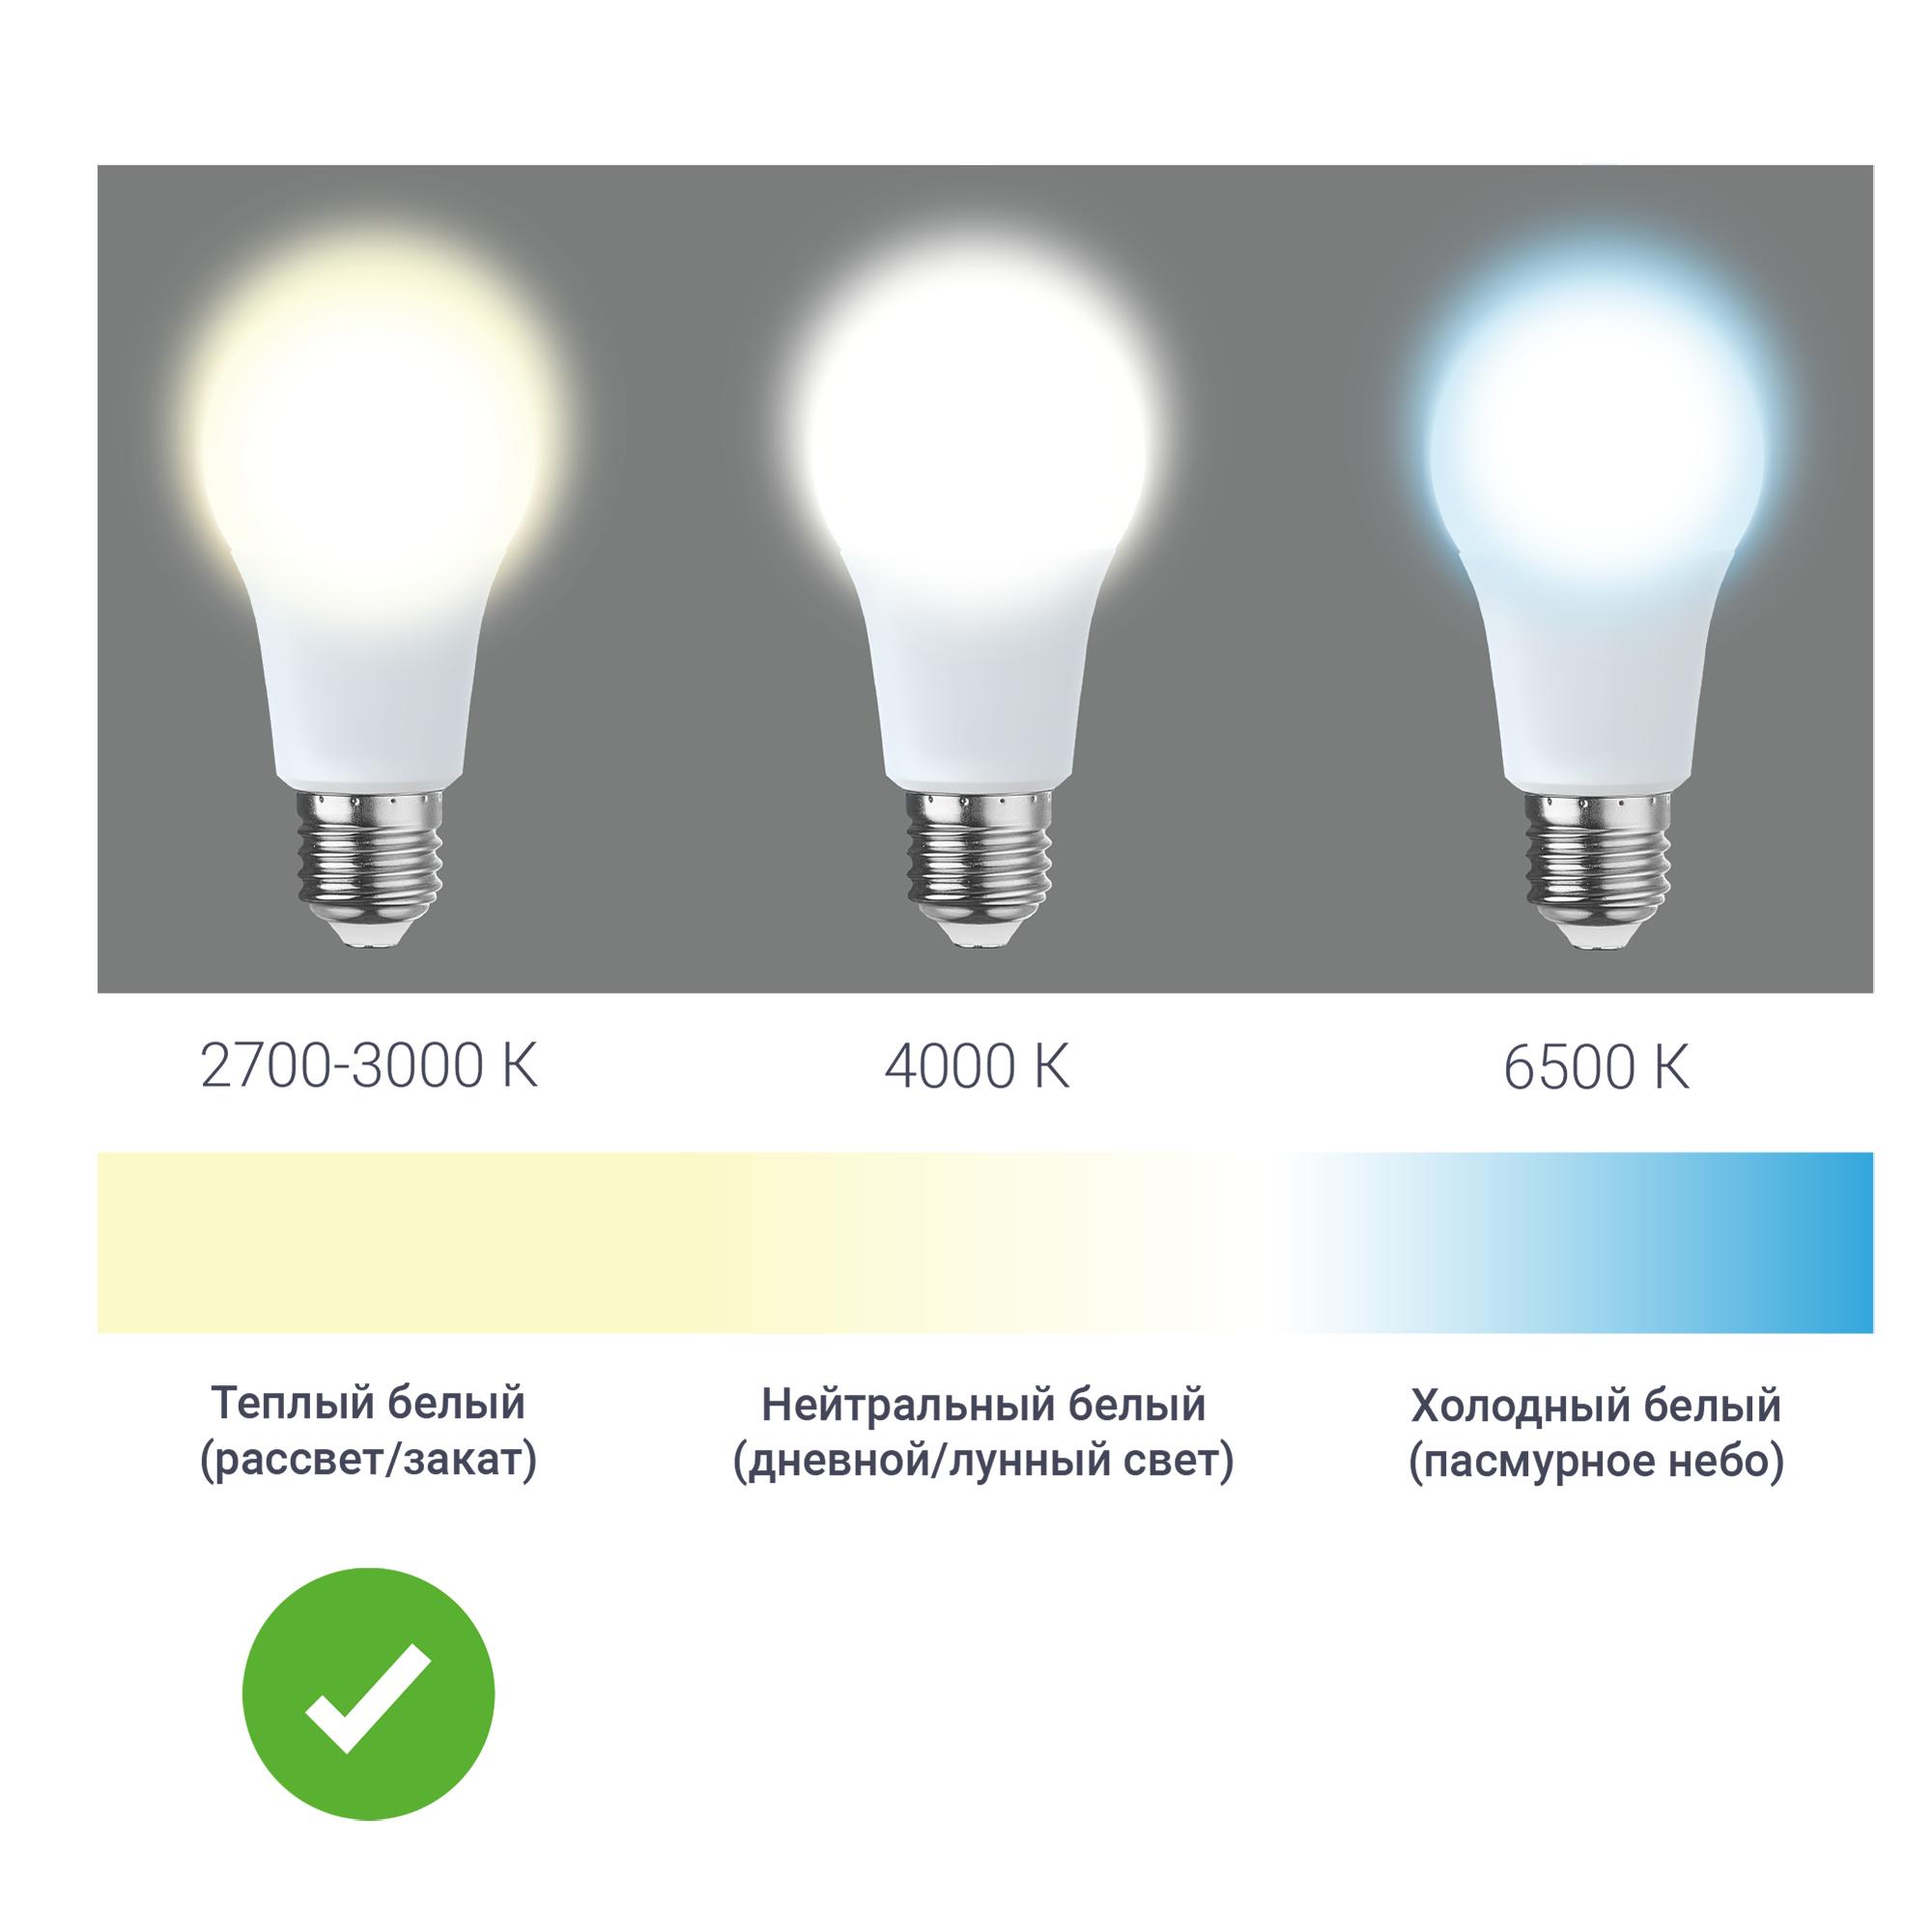 Лампа светодиодная E27 220 В 8 Вт груша матовая 640 лм жёлтый свет